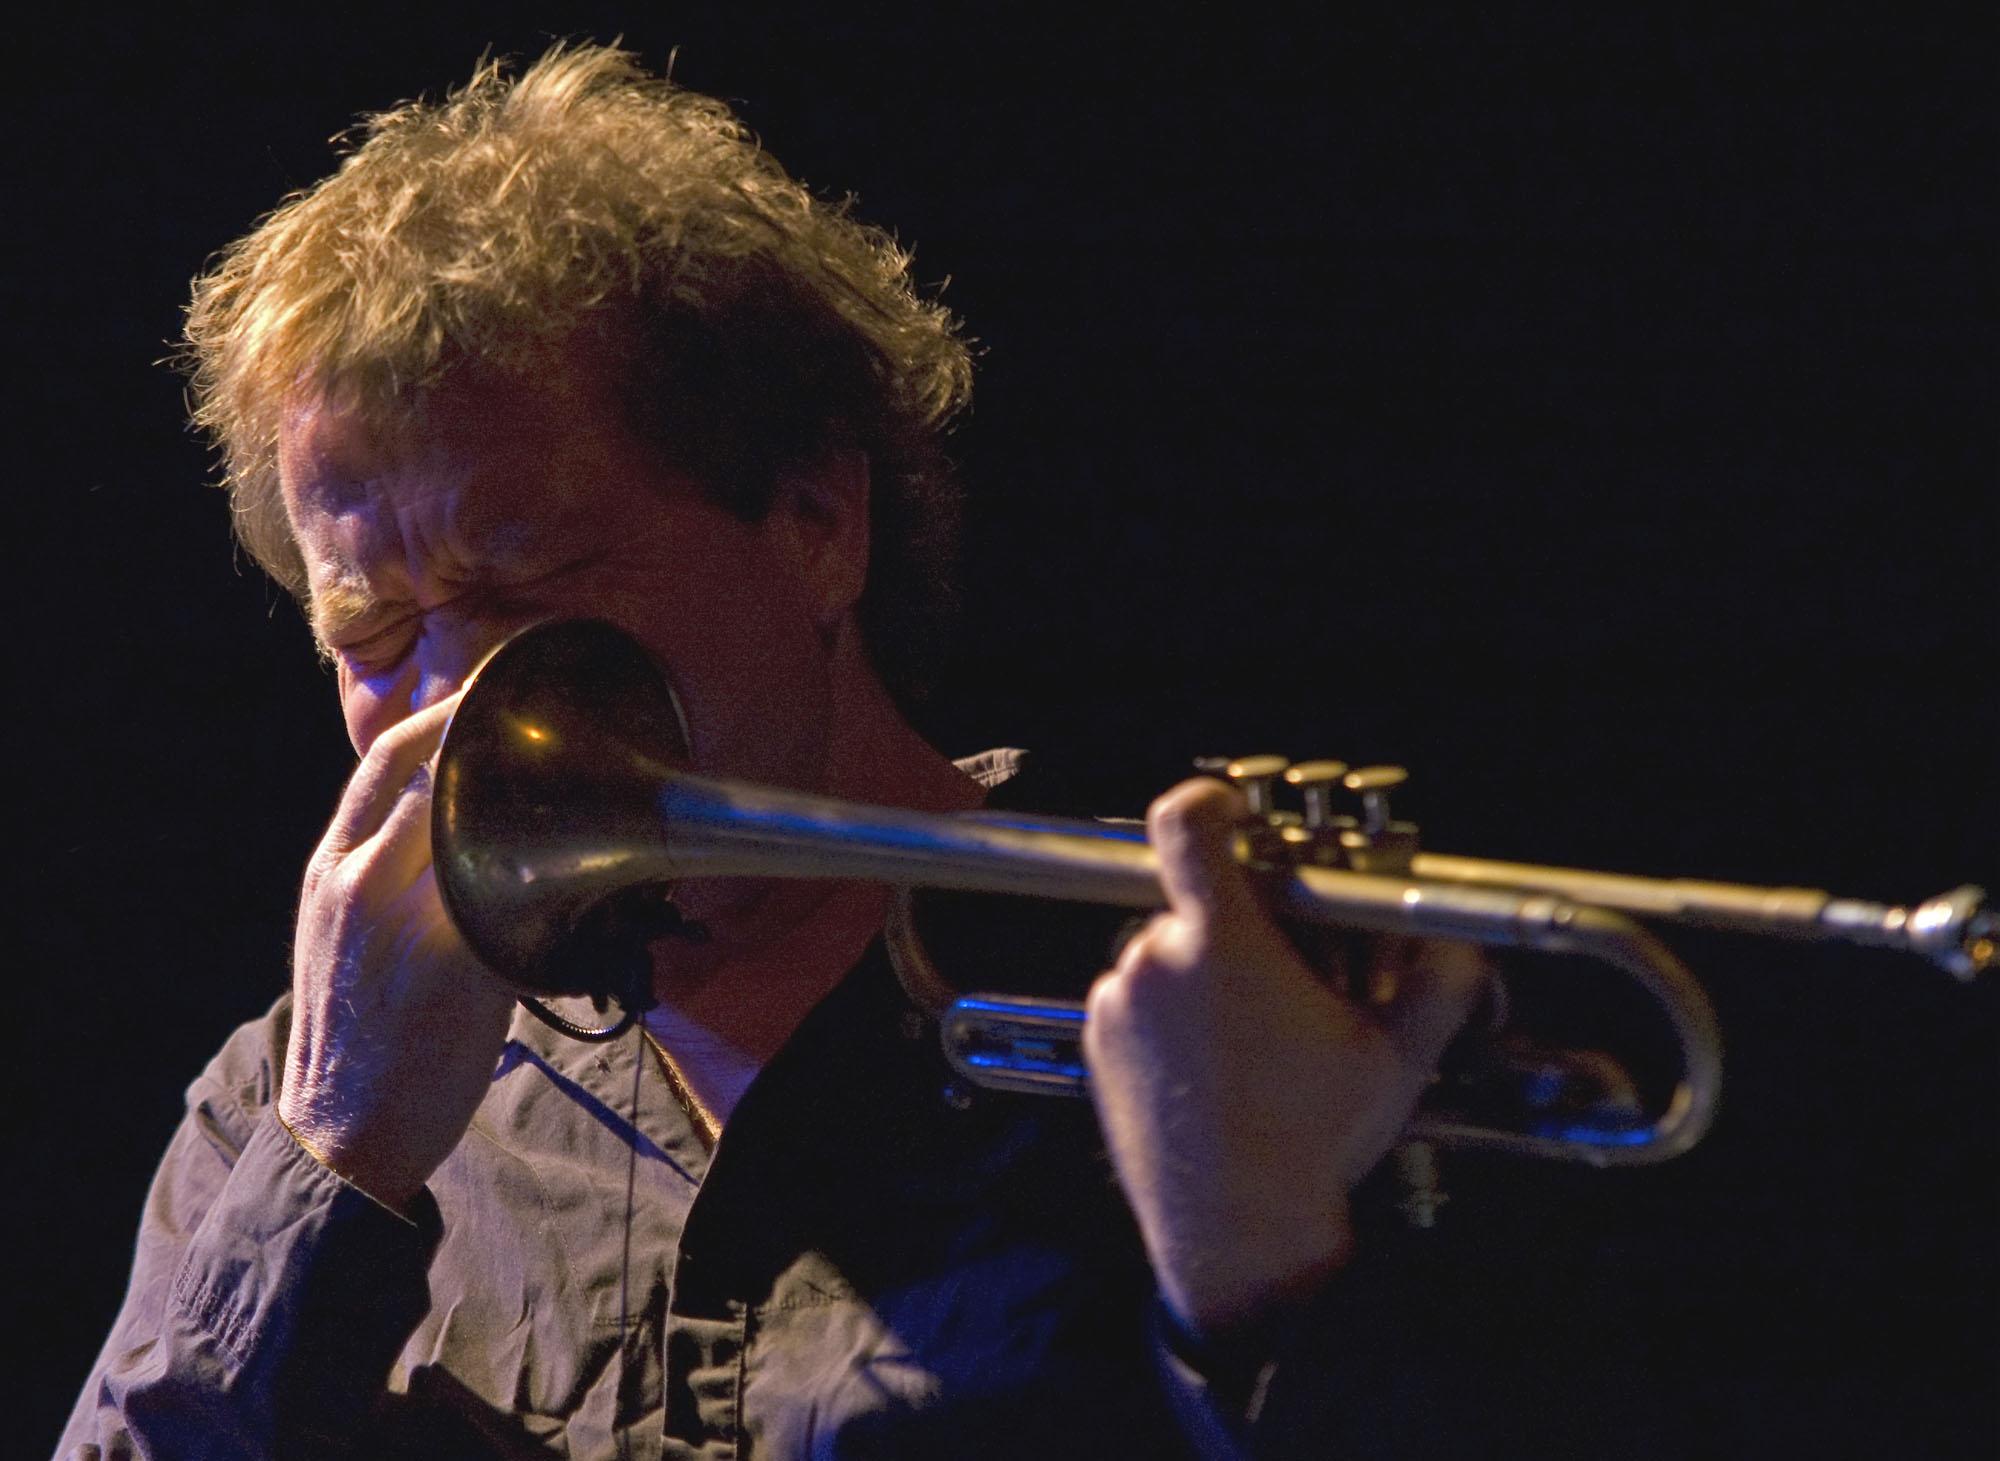 Nils Petter Molv